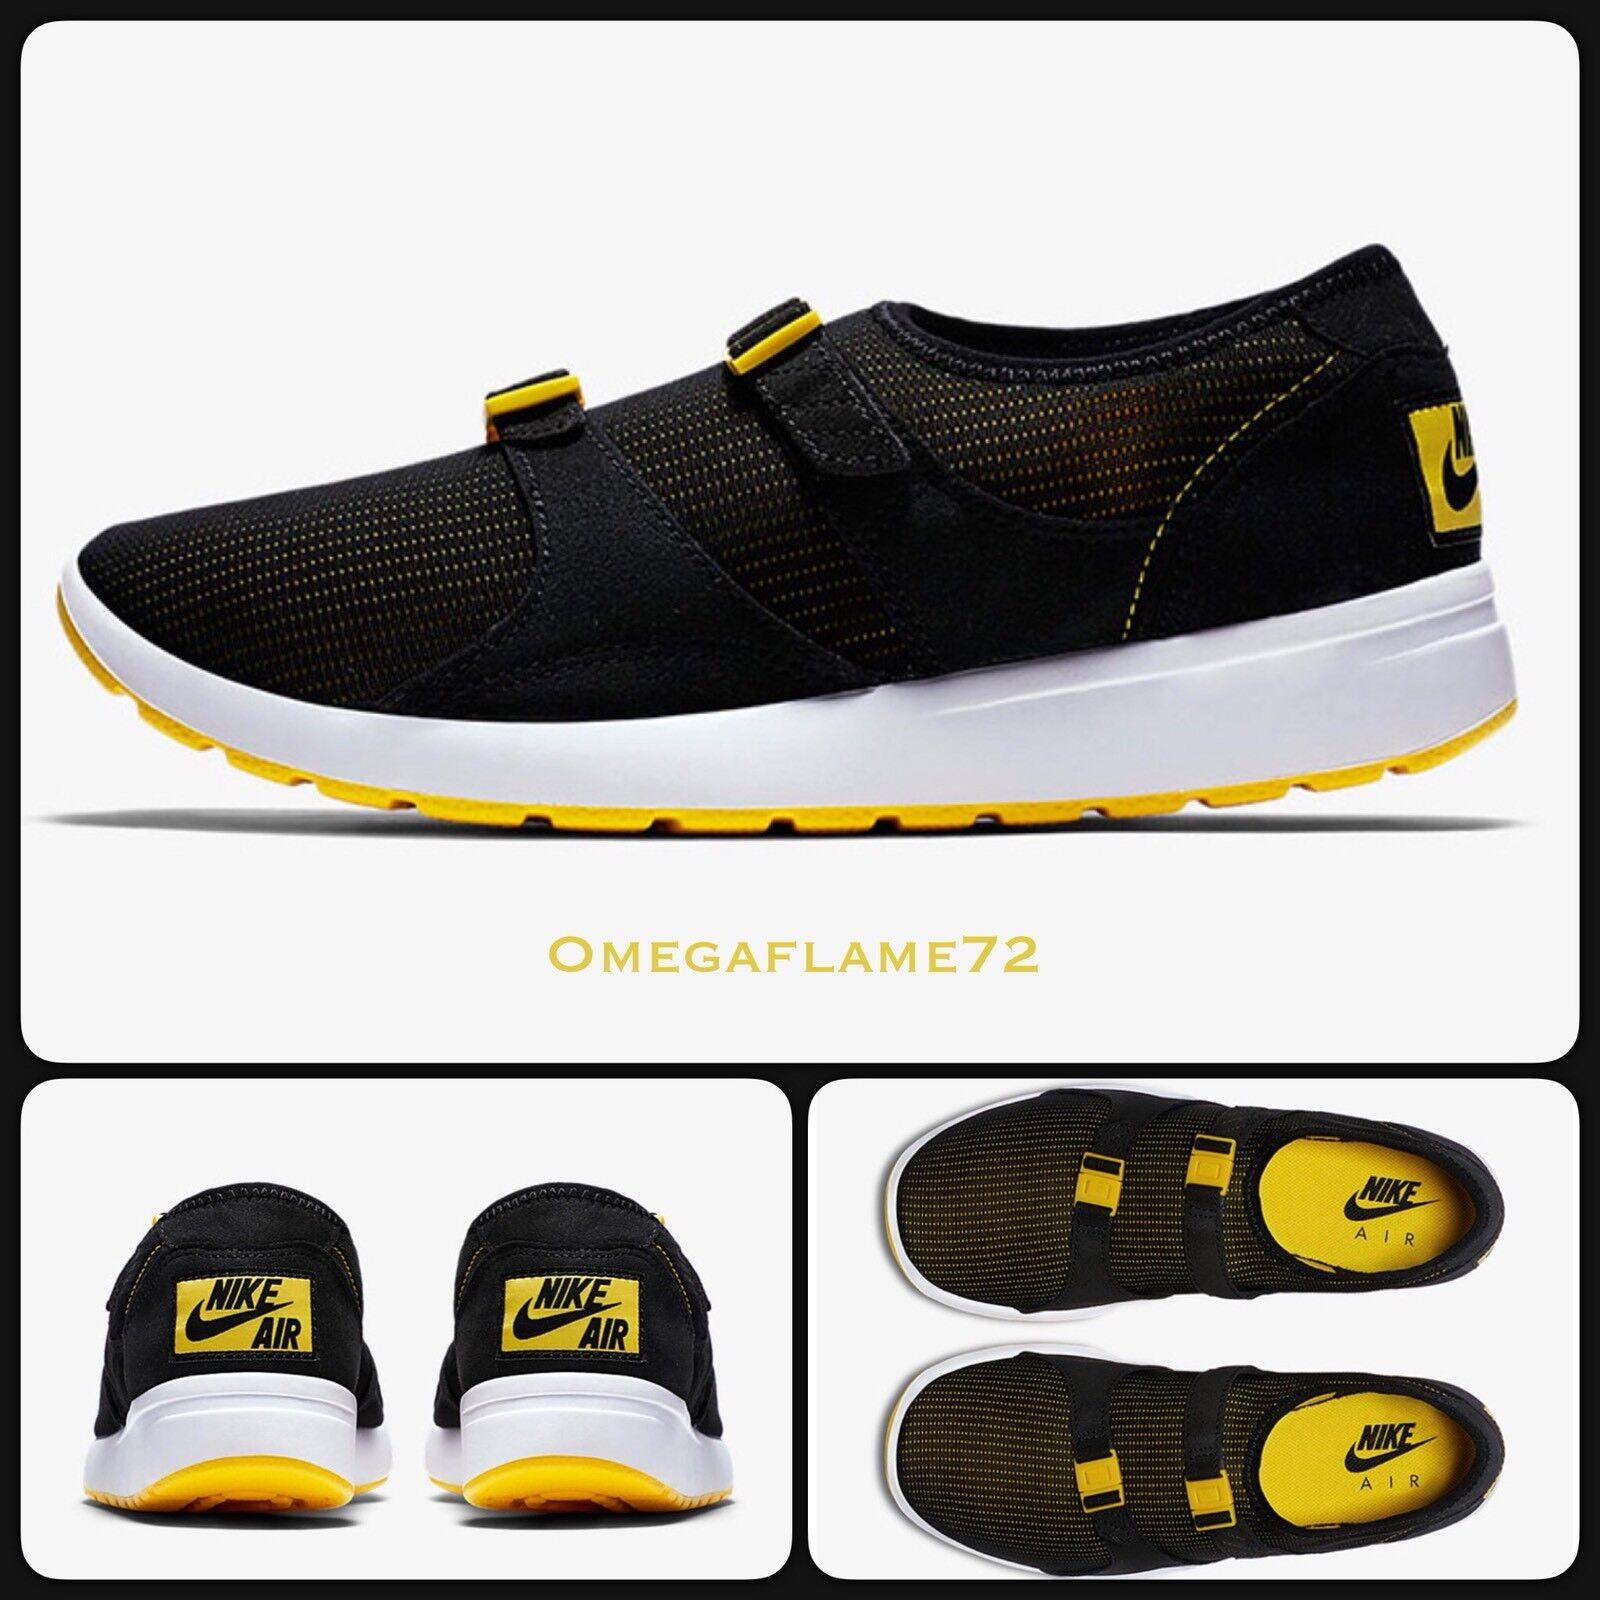 """Nike Air Sock Racer 875837-001, OG """"Black & Yellow"""" 875837-001, Racer US 11 bb0cc4"""